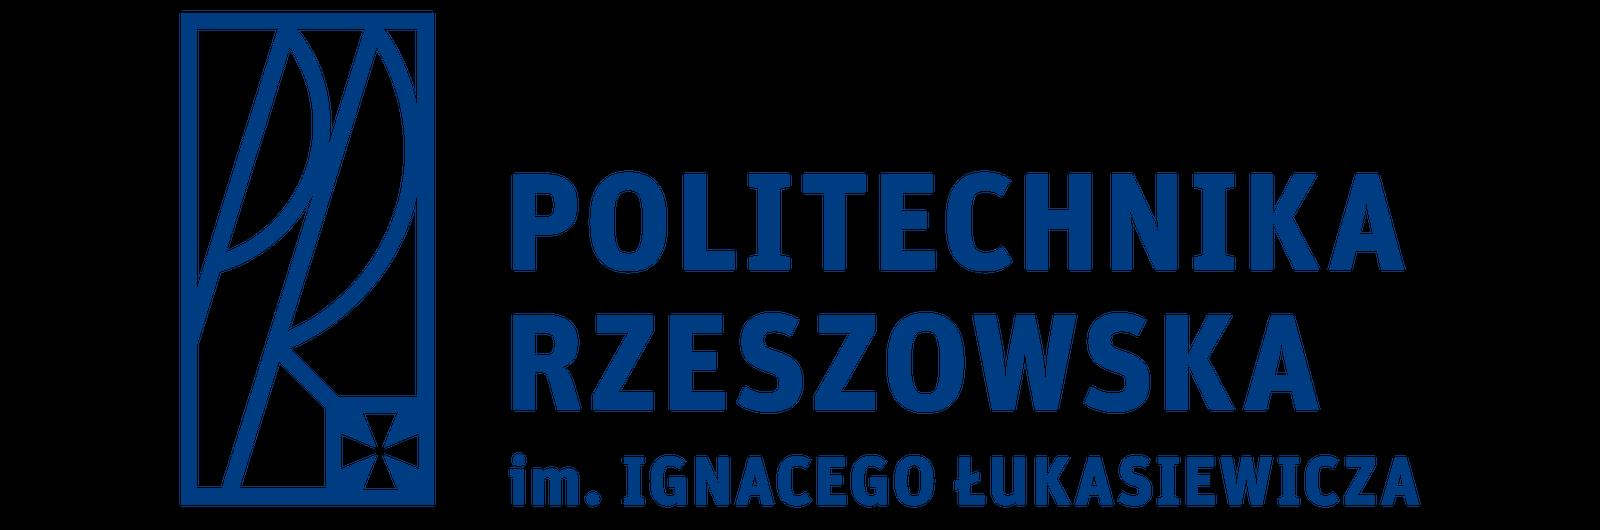 logo_prz.png